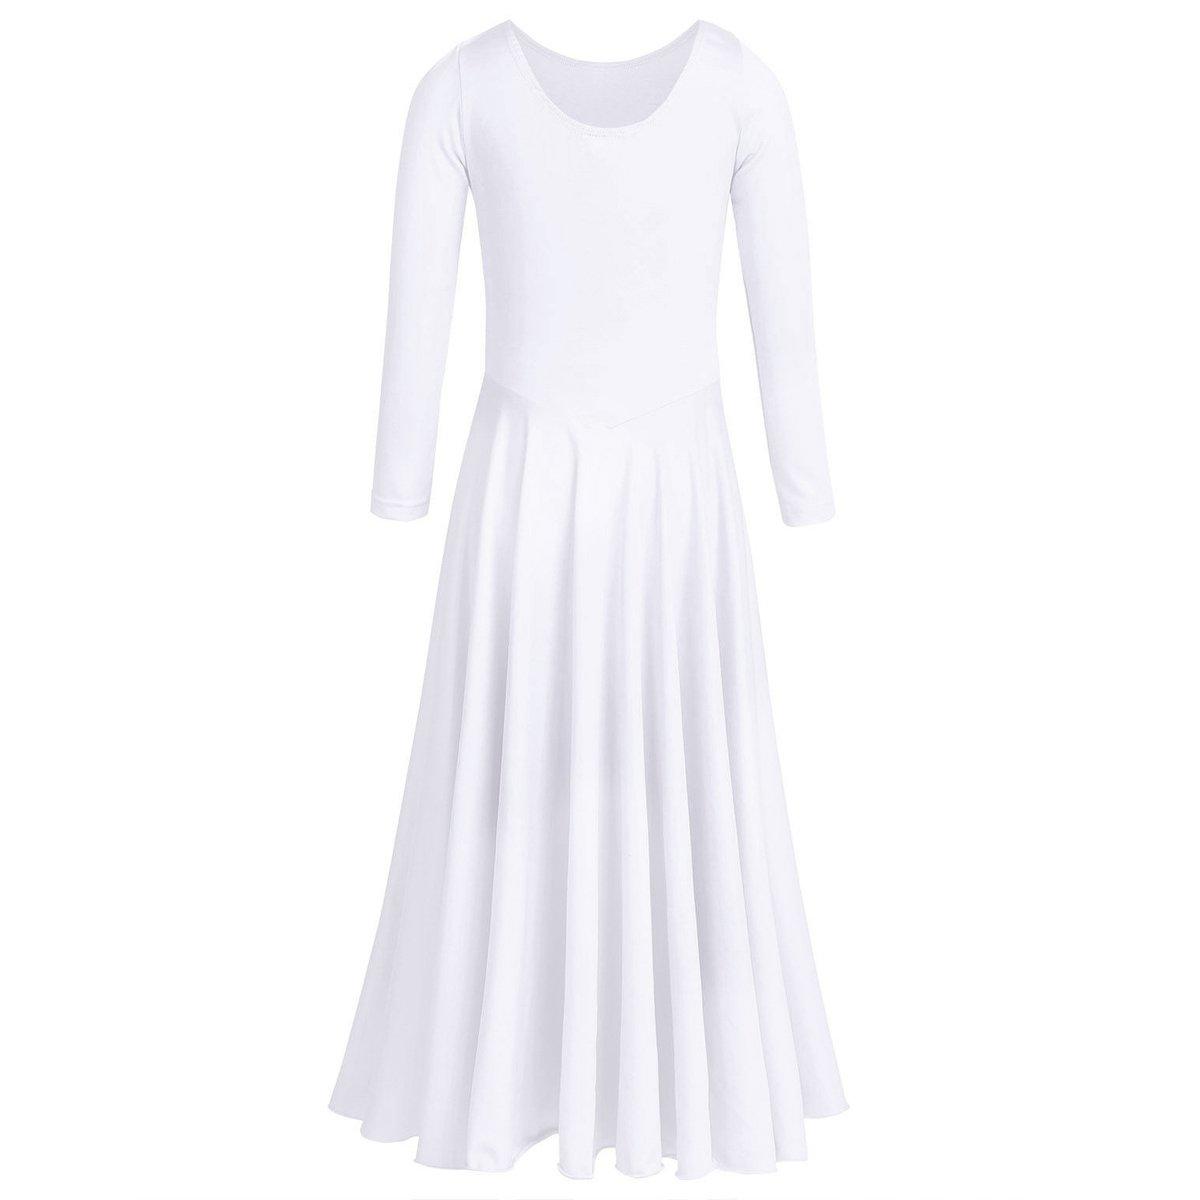 激安価格の OBEEII DRESS ガールズ B07B94K31J 9-10 9-10 Years|ホワイト ホワイト ガールズ B07B94K31J 9-10 Years, 布とリボンの手芸店シナモンブルー:c4c3bfa0 --- a0267596.xsph.ru